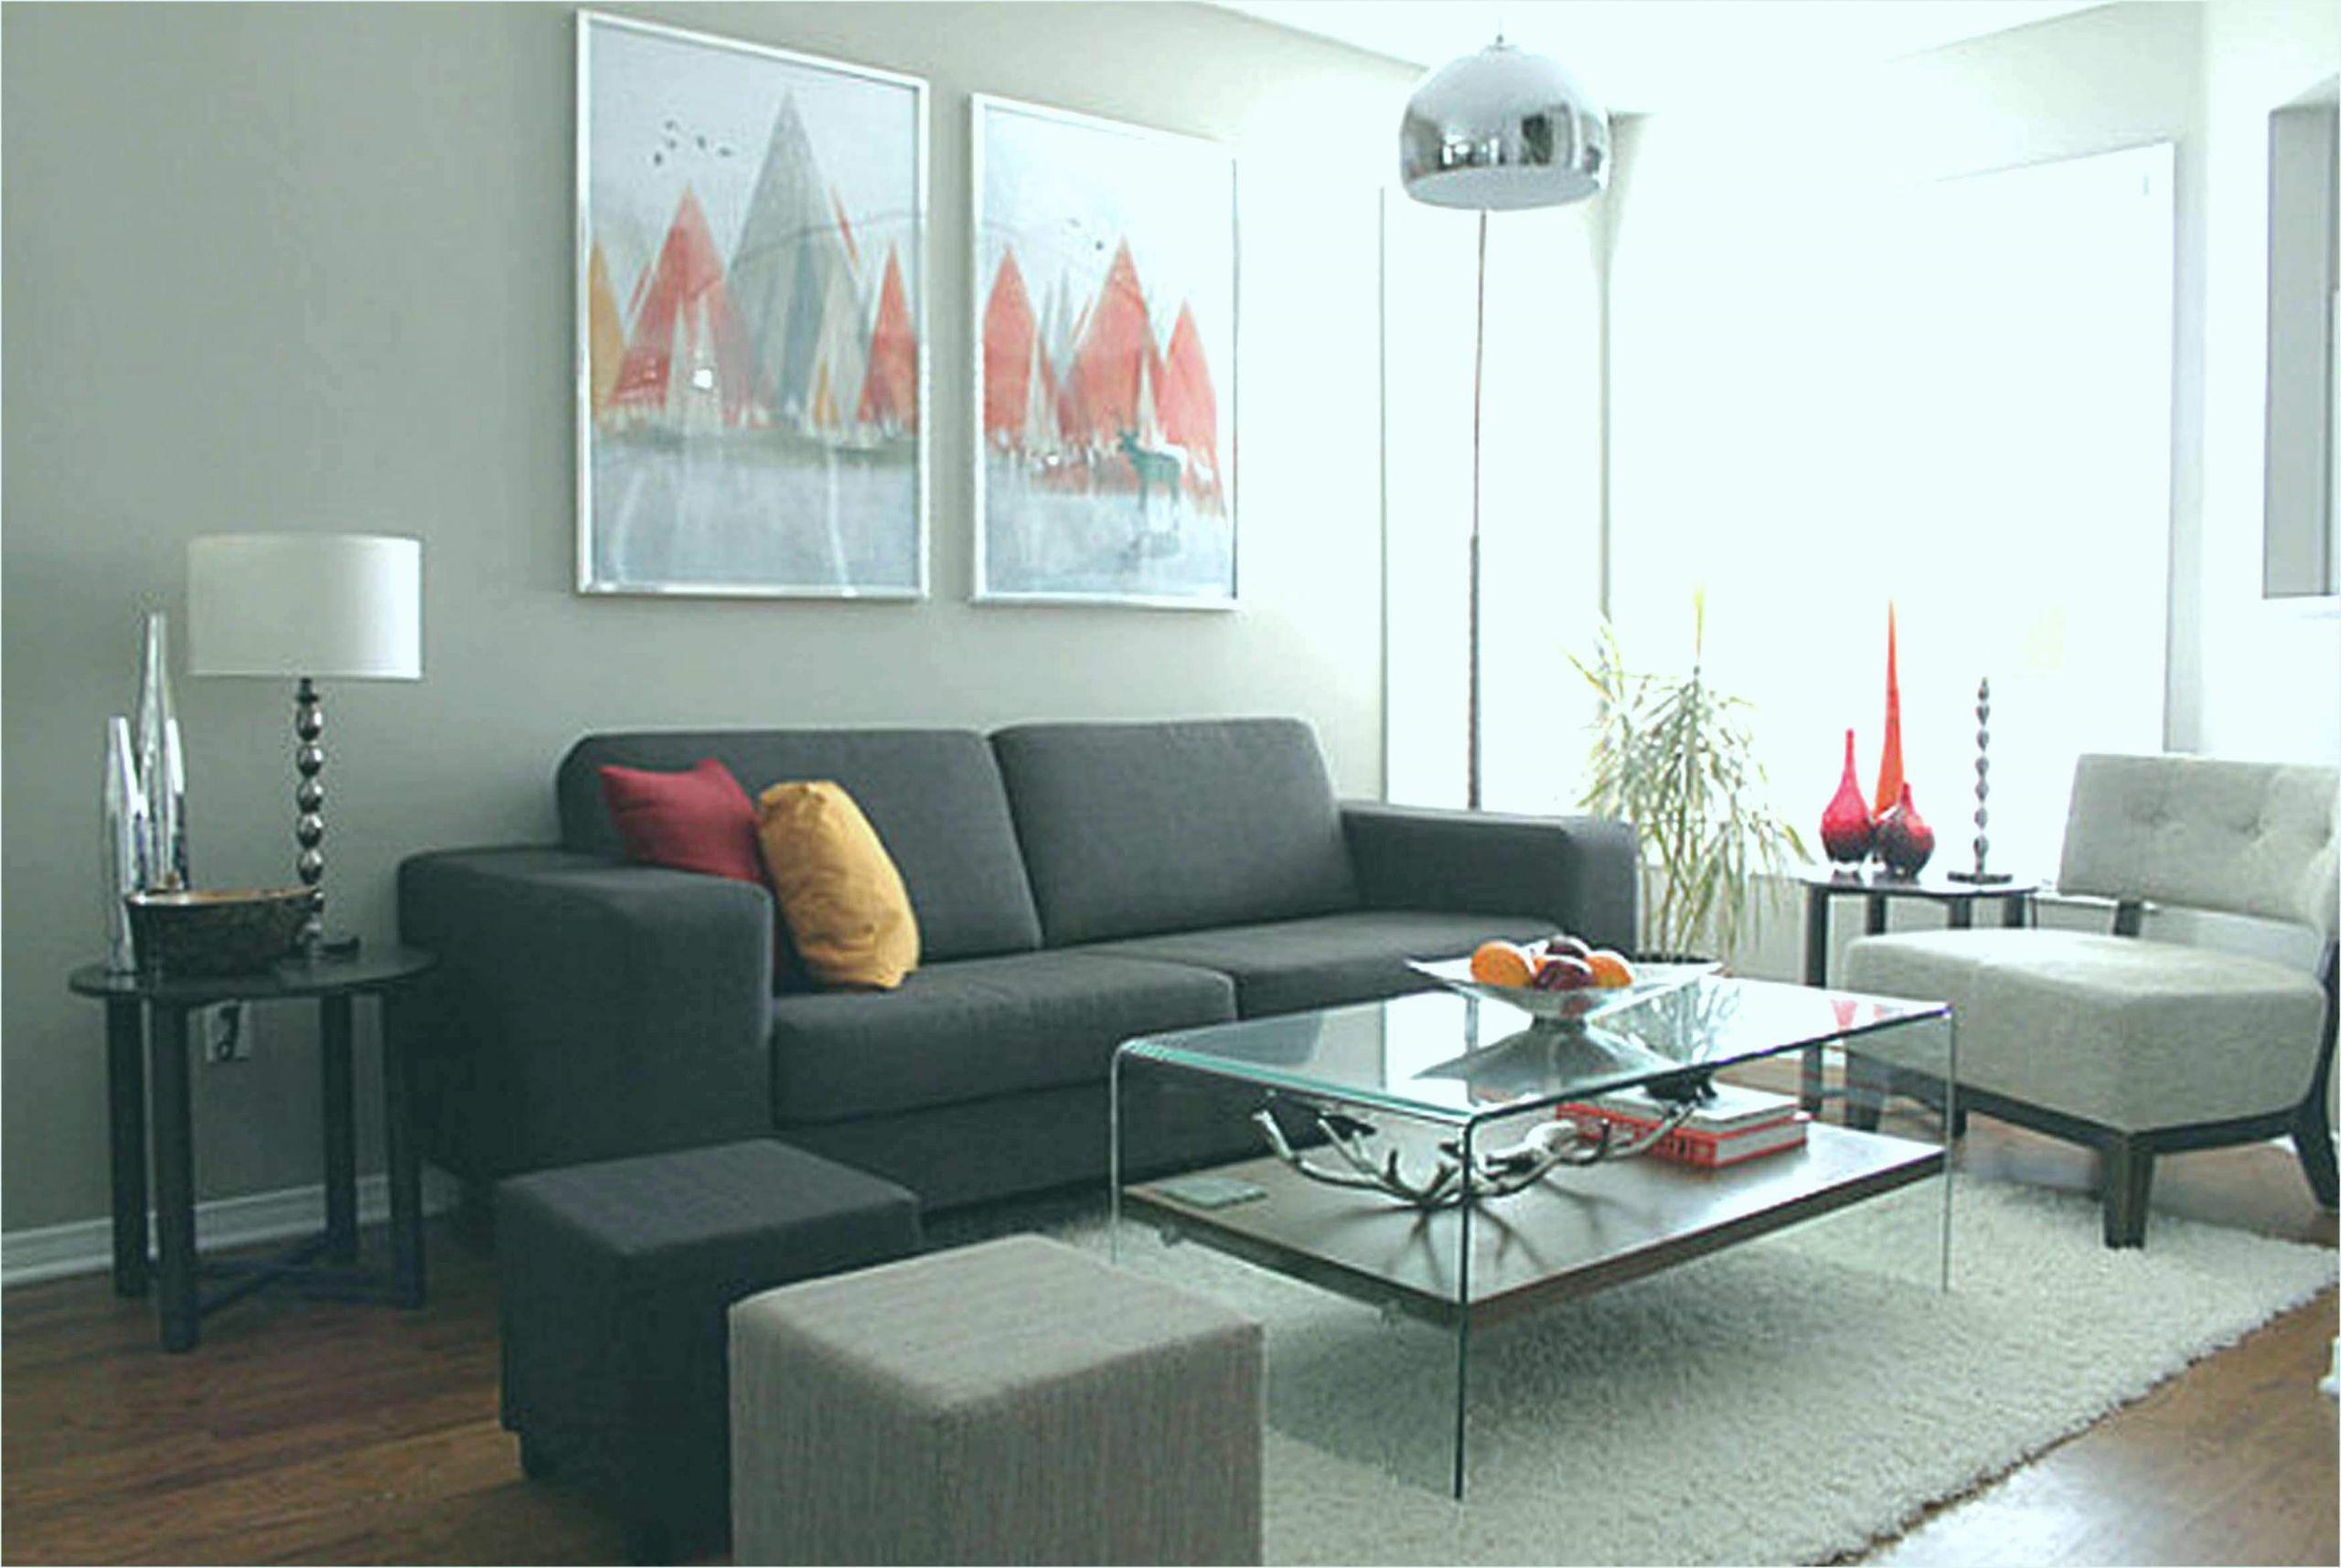 tapeten schlafzimmer schoner wohnen einzigartig schoner wohnen betten luxus 16 best house of tapeten schlafzimmer schoner wohnen